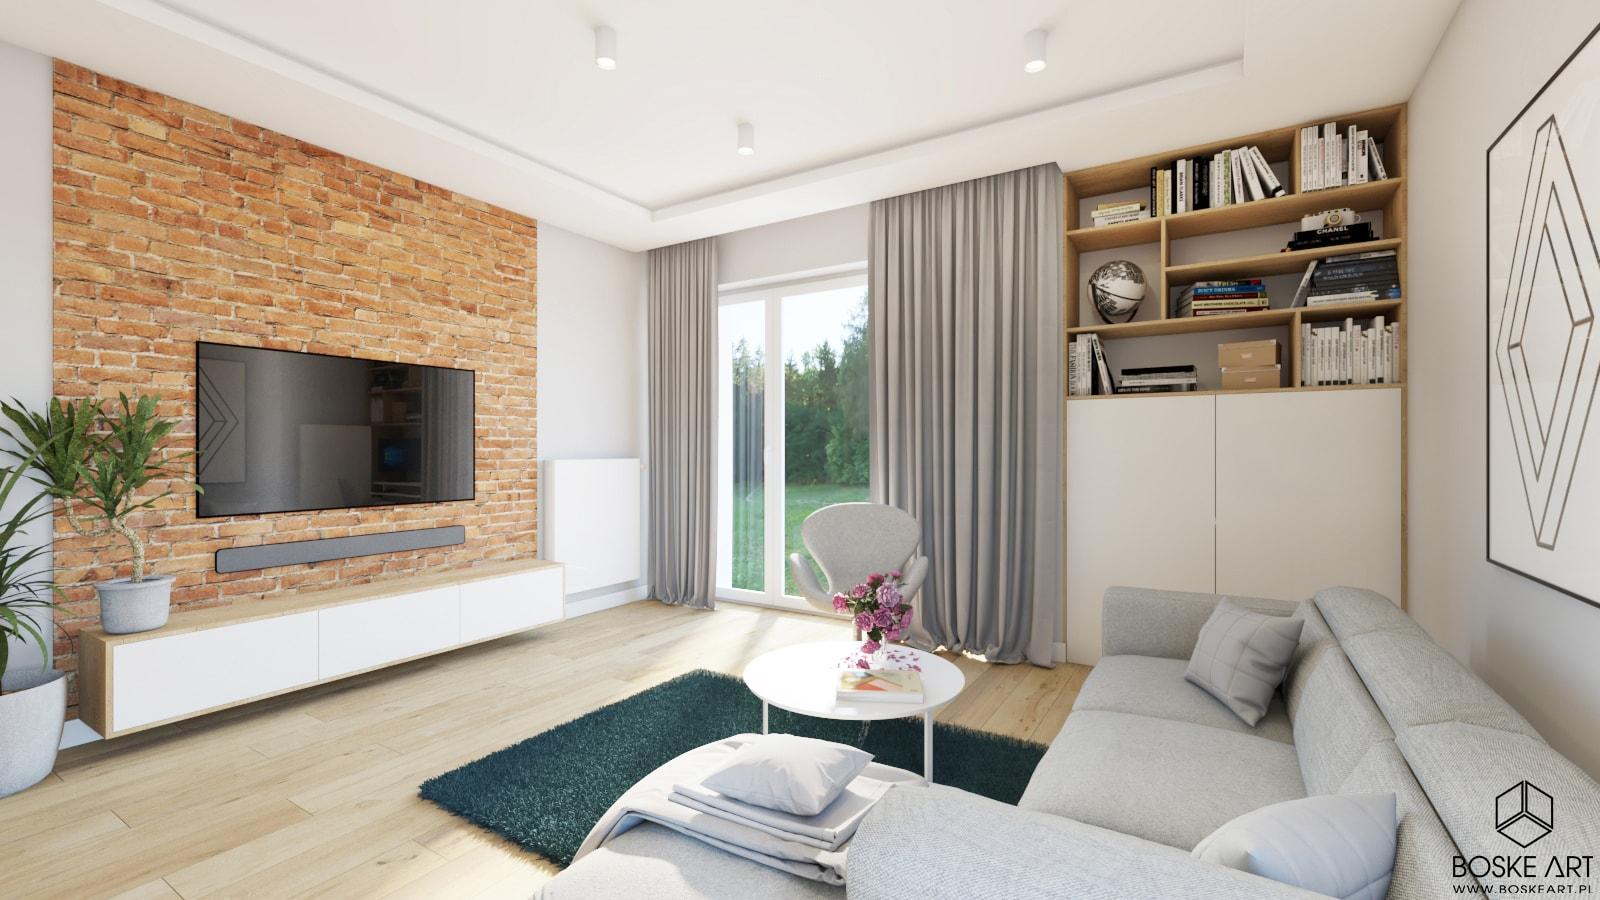 3_projekt_mieszkania_poznan_projektowanie_wnetrz_architektura_boske_art_natalia_robaszkiweicz-min